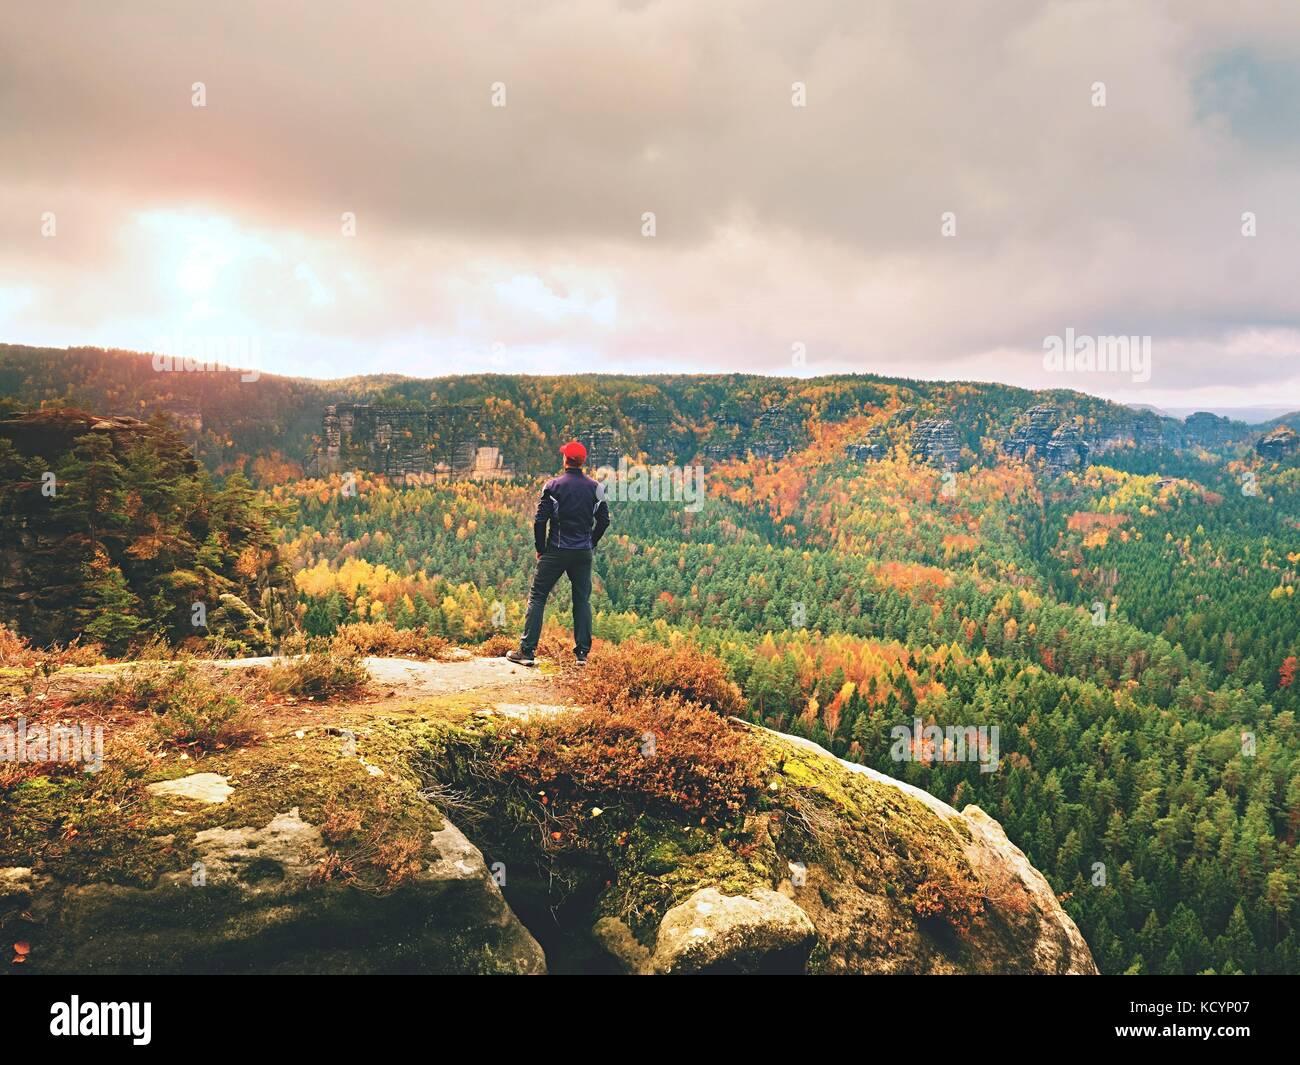 Seul touriste avec outdoor sportswear sac à dos et se tenir sur le bord de falaise et regarder dans la vallée Photo Stock